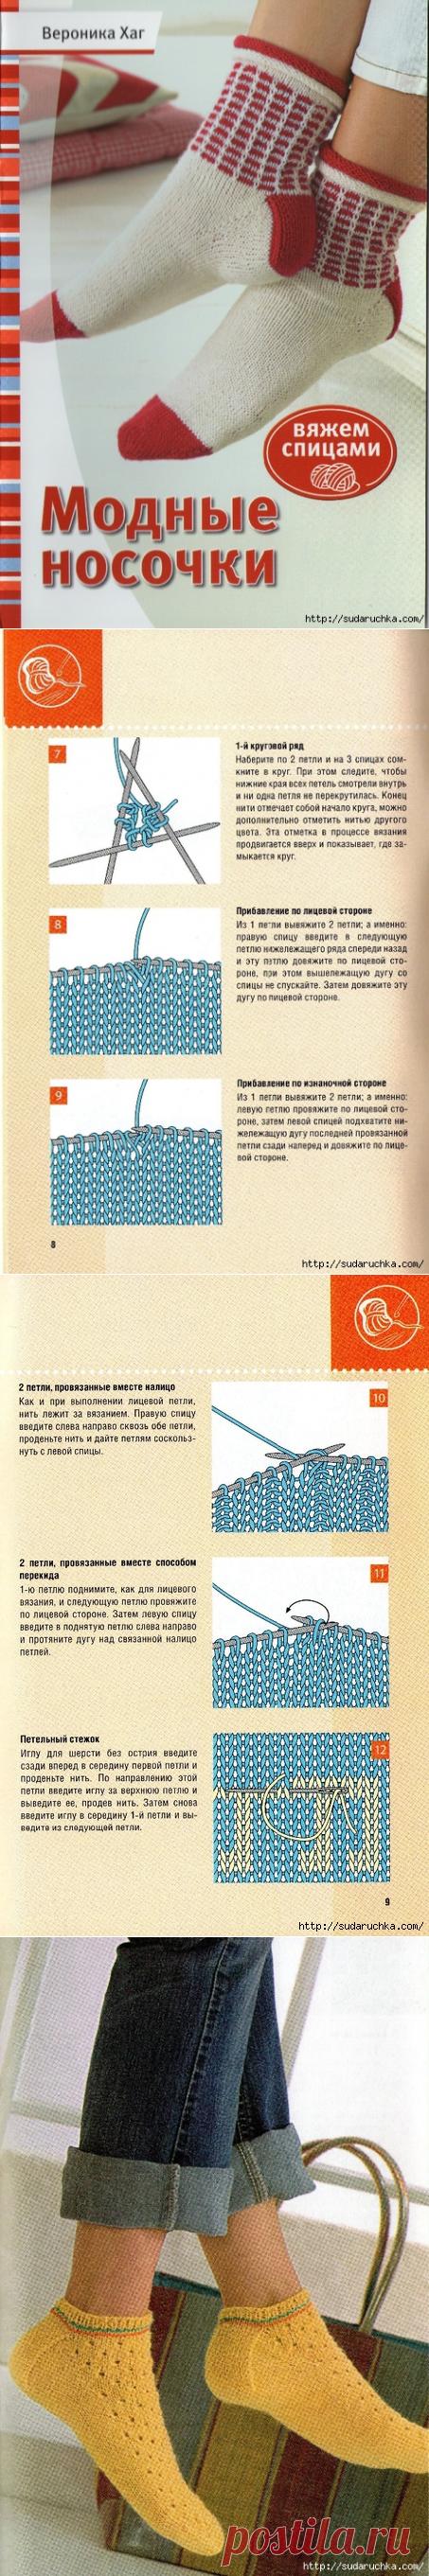 """""""Модные носочки"""". Журнал по вязанию"""